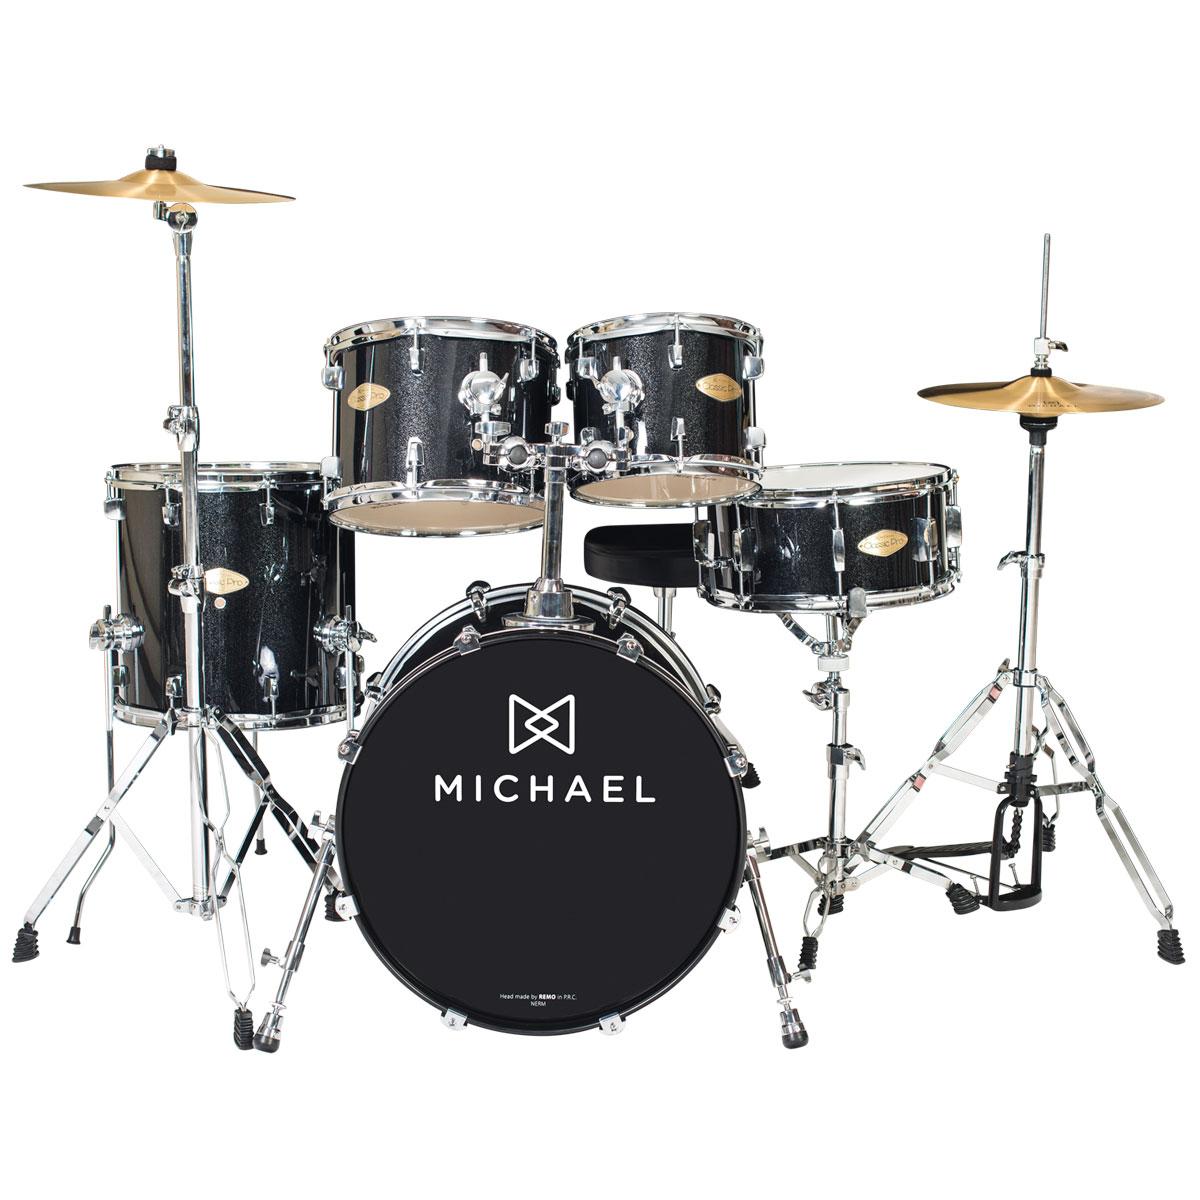 Bateria Acústica Bumbo 18 Polegadas Classic Pro DM841 BKS Preta Sparkle - Michael